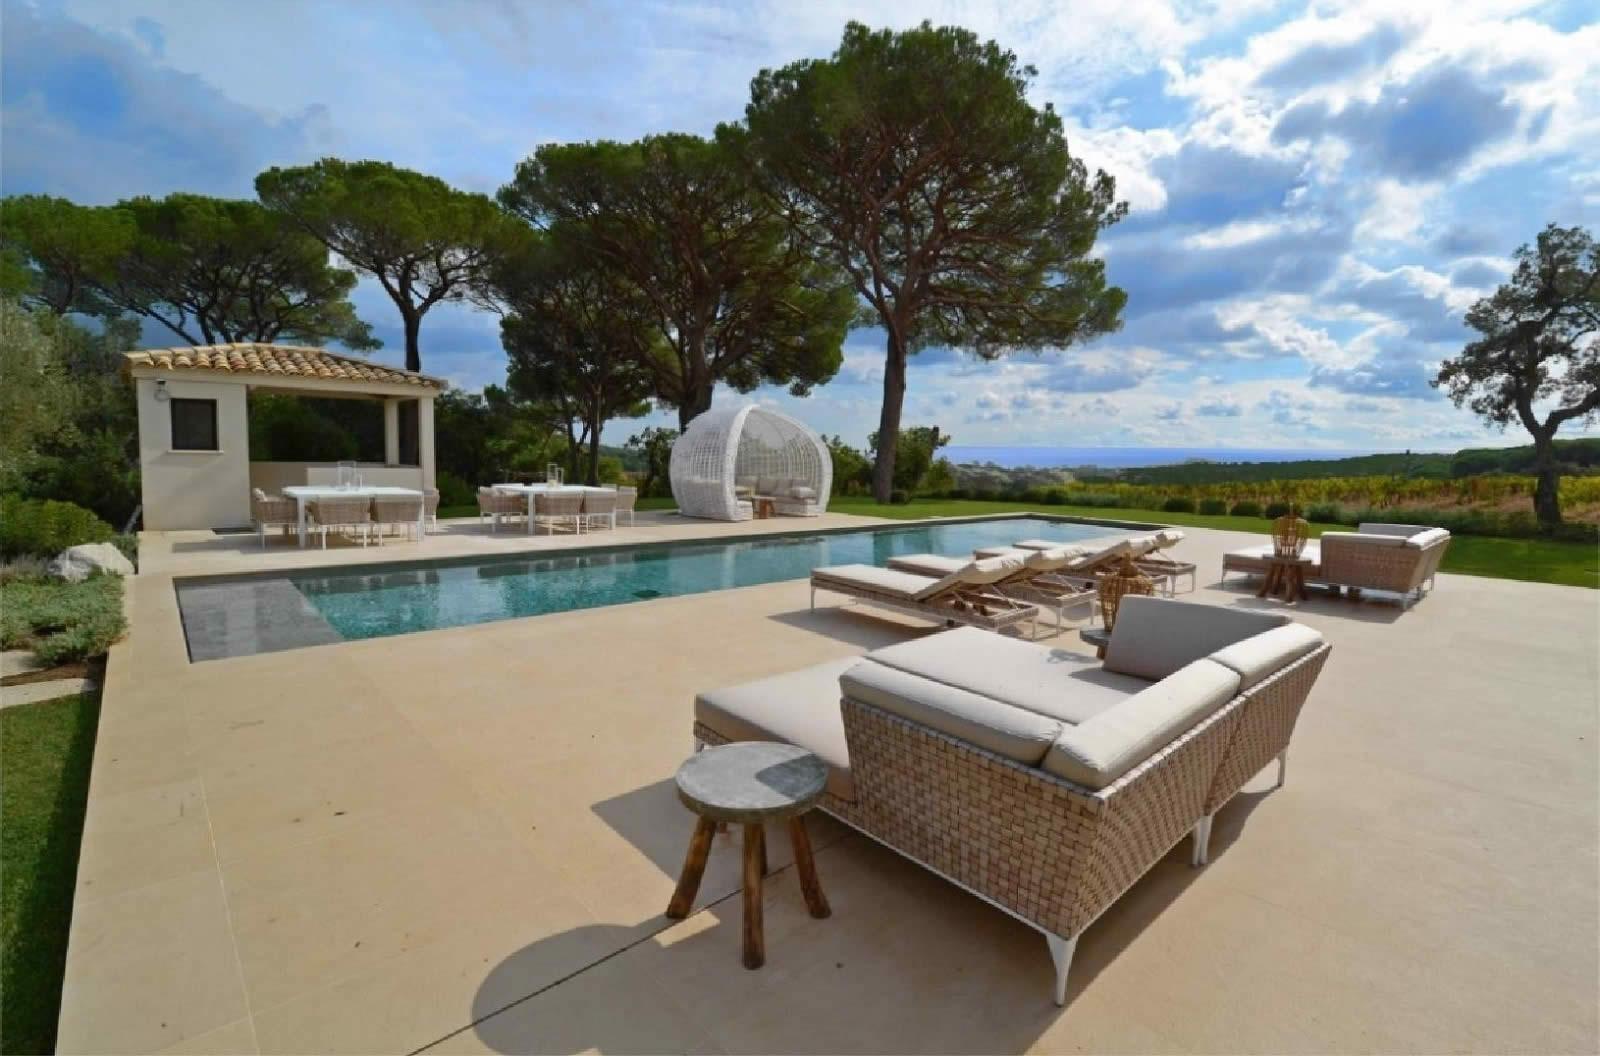 Villa louer ramatuelle piscine 6 chambres vue for Camping saint tropez avec piscine